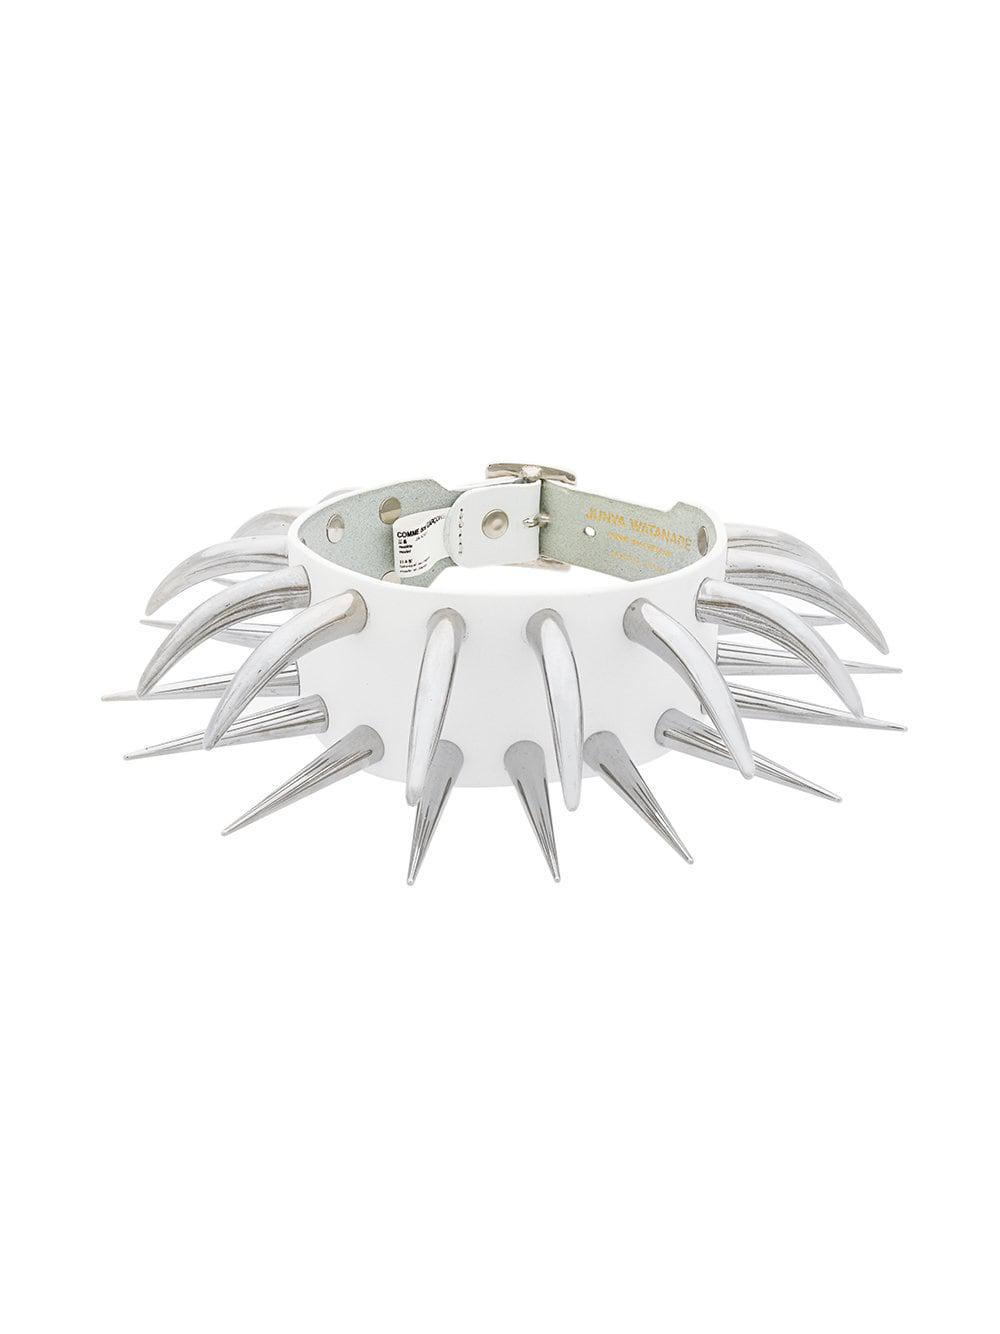 Junya Watanabe Leather Spike Choker in White